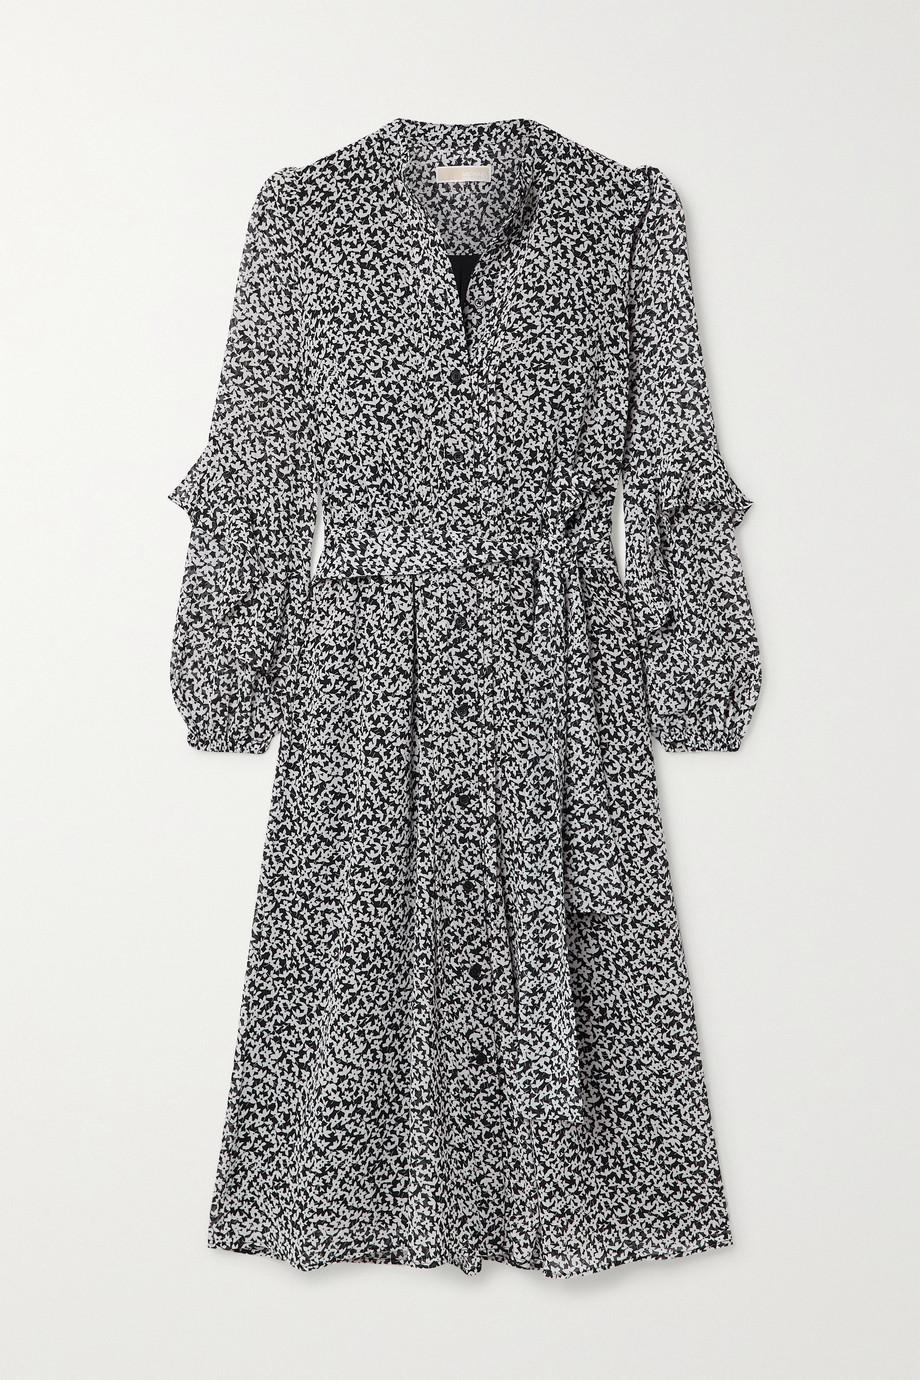 마이클 마이클 코어스 러플 미디 원피스 Michael Michael Kors Lilly belted ruffled printed crepe midi dress,Black